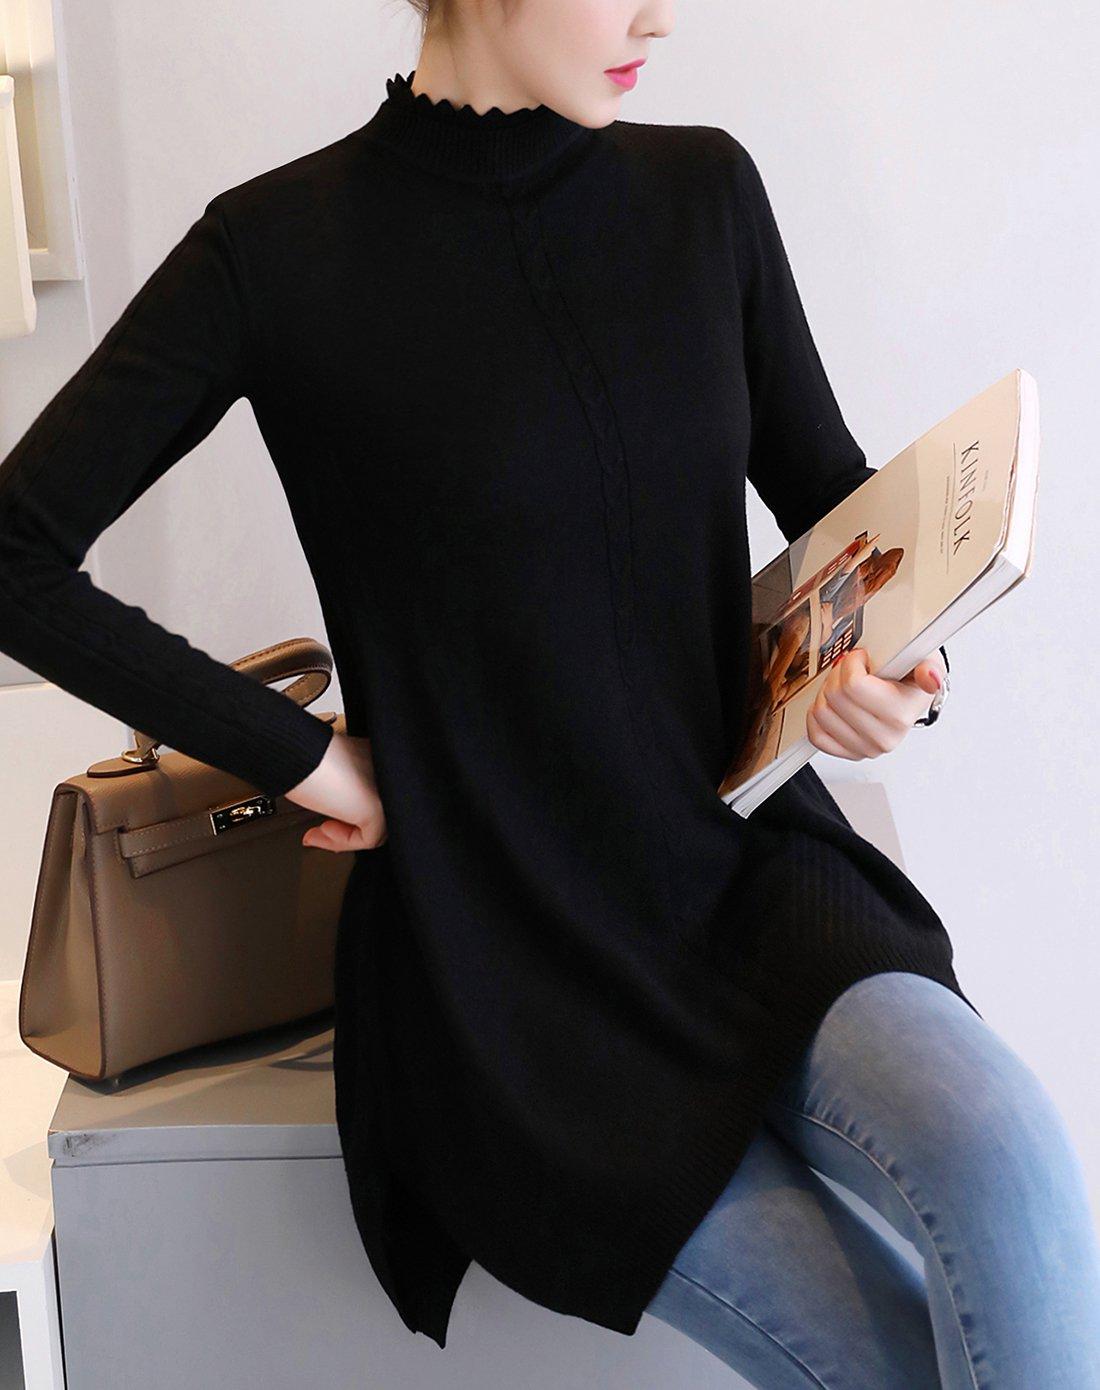 黑木麻衣最近的作品